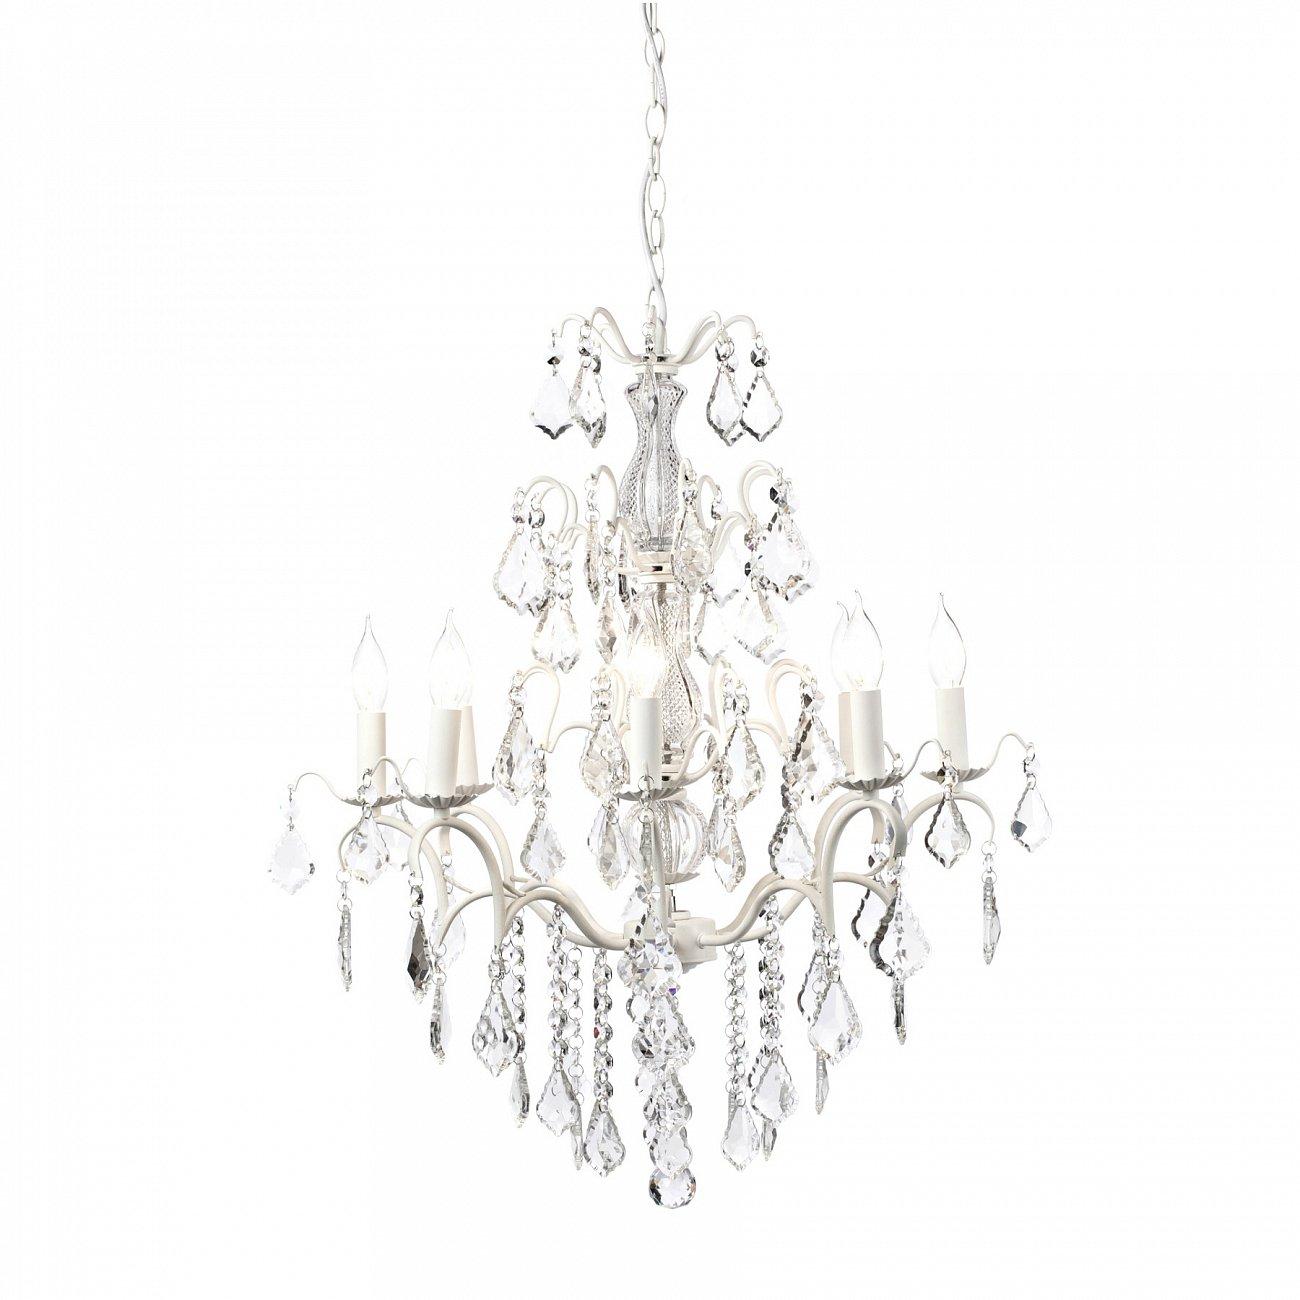 Купить Люстра Meridian в интернет магазине дизайнерской мебели и аксессуаров для дома и дачи